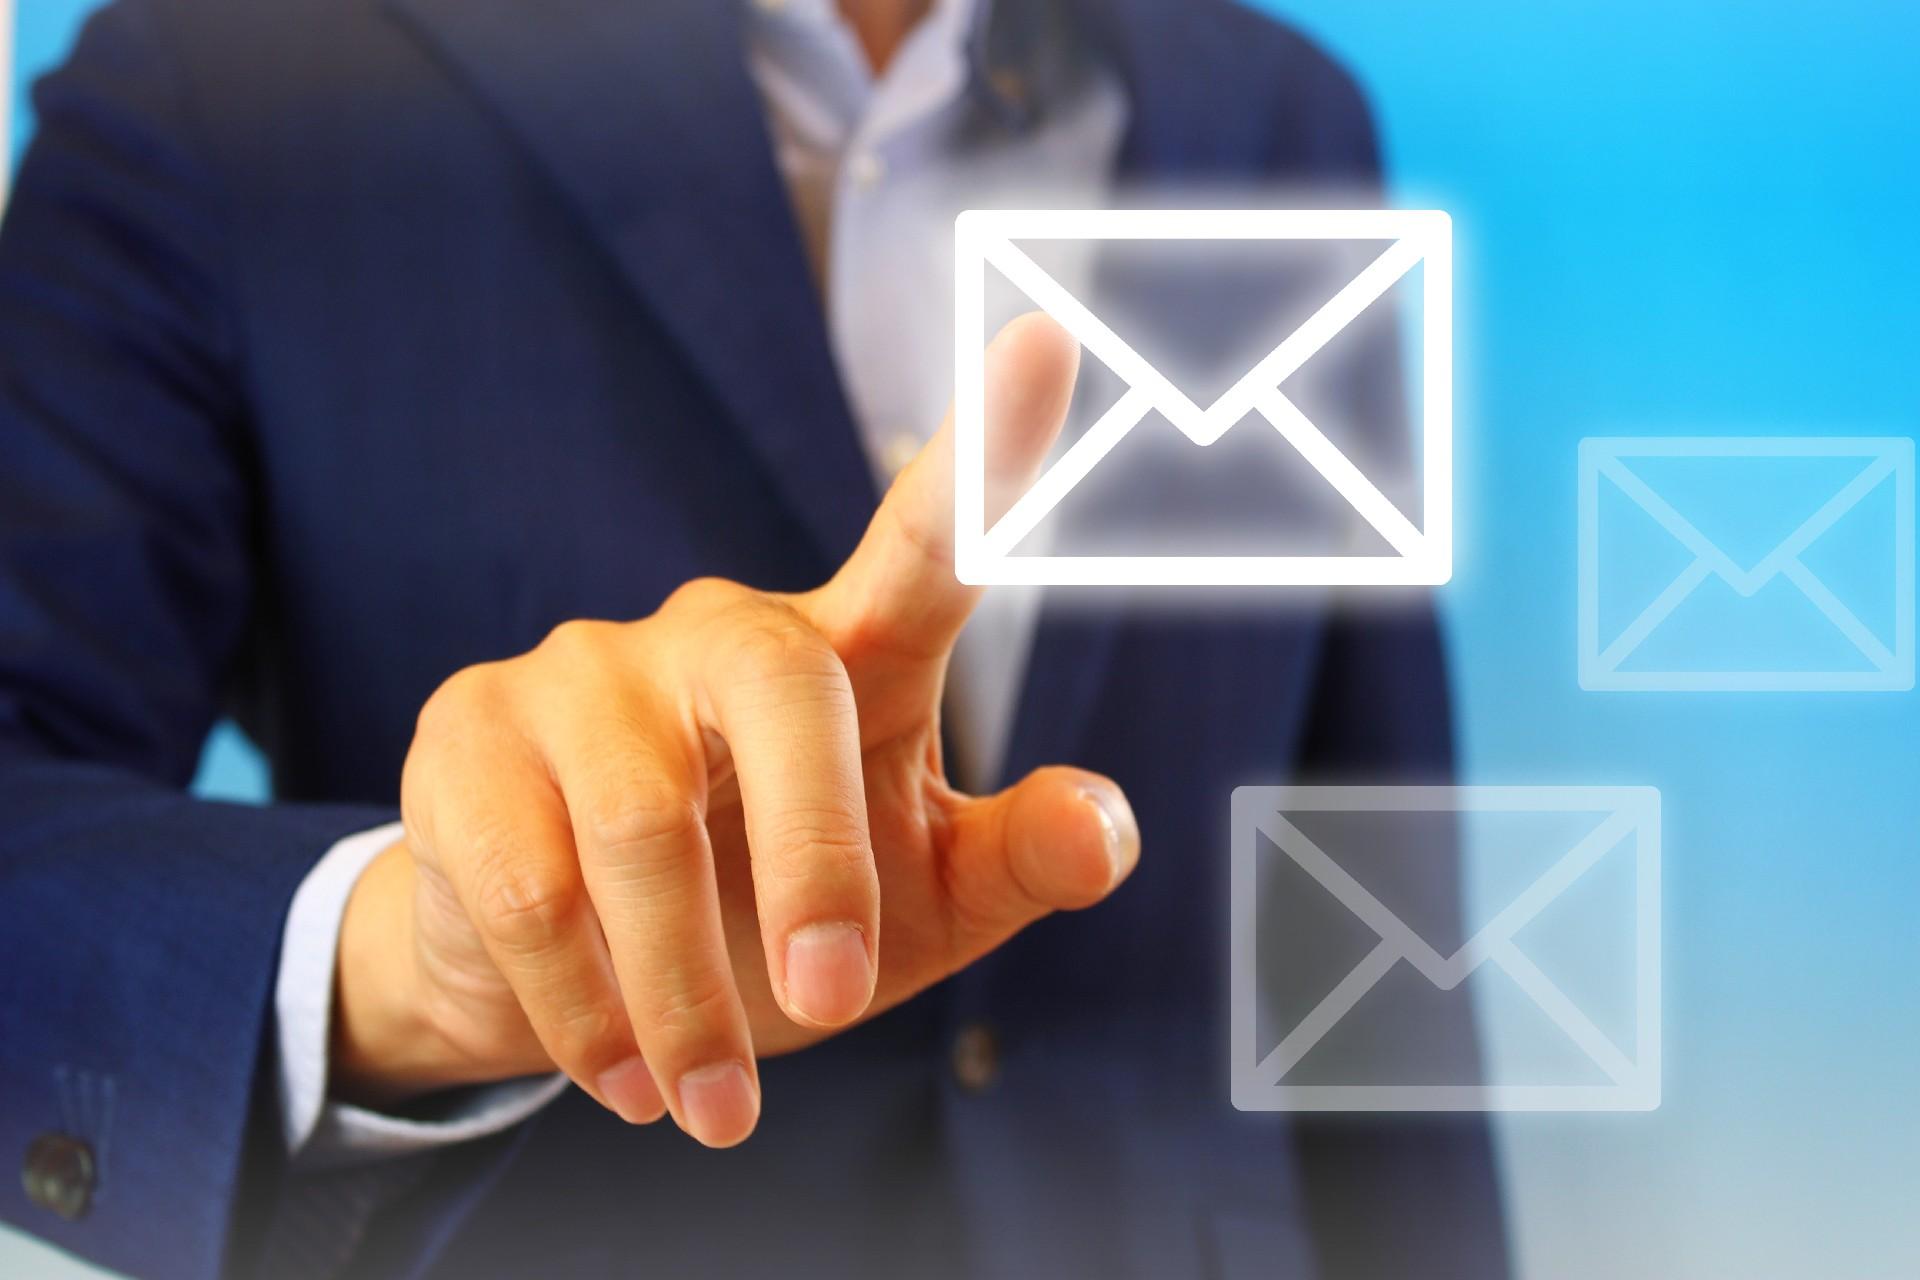 就活生は「Gmail」を使っちゃダメなのか? 面接担当者の指摘に「不安になる」の訴え